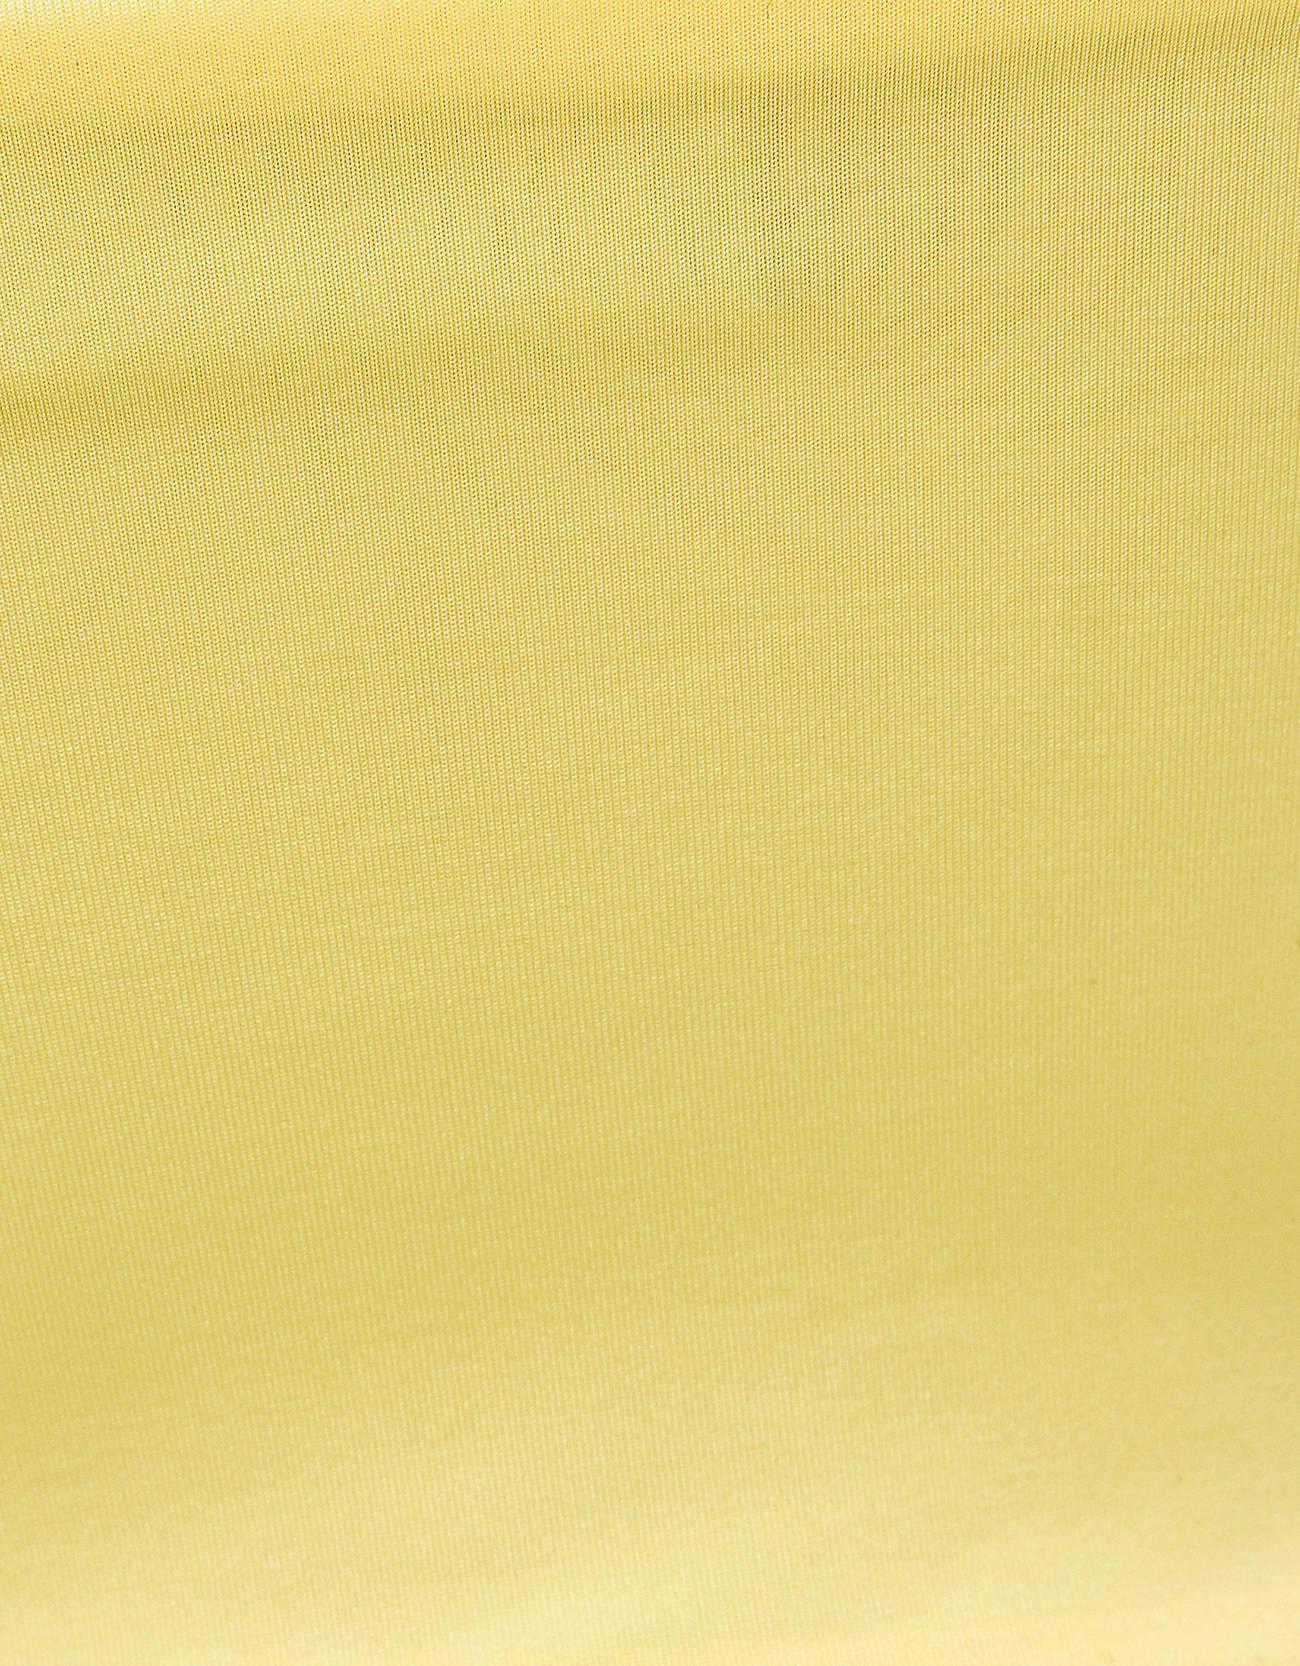 Топ с кружевом по вырезу Желтый Bershka